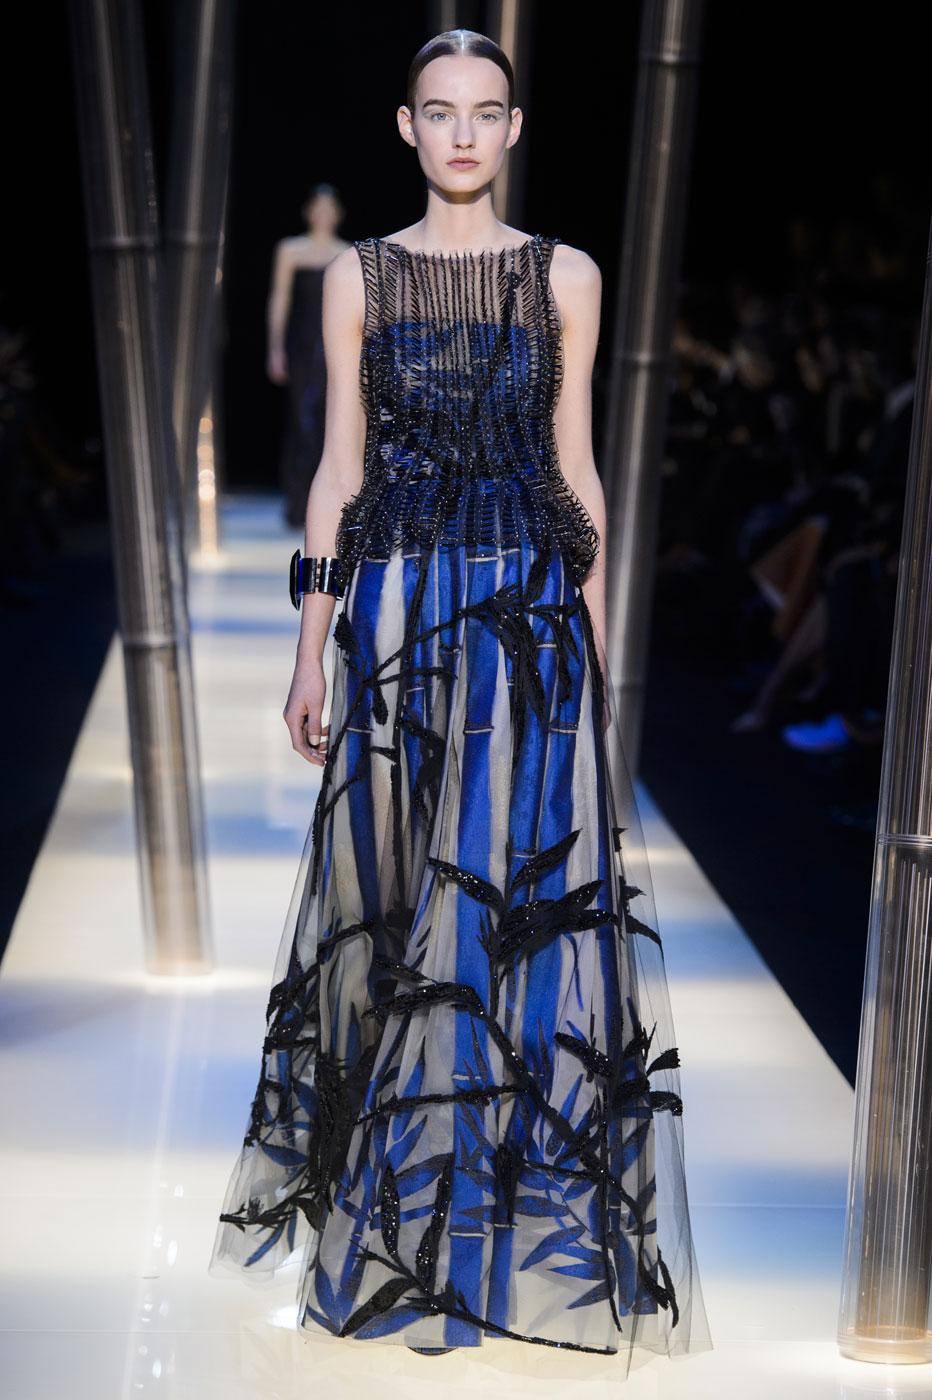 Giorgio-armani-Prive-fashion-runway-show-haute-couture-paris-spring-2015-the-impression-121